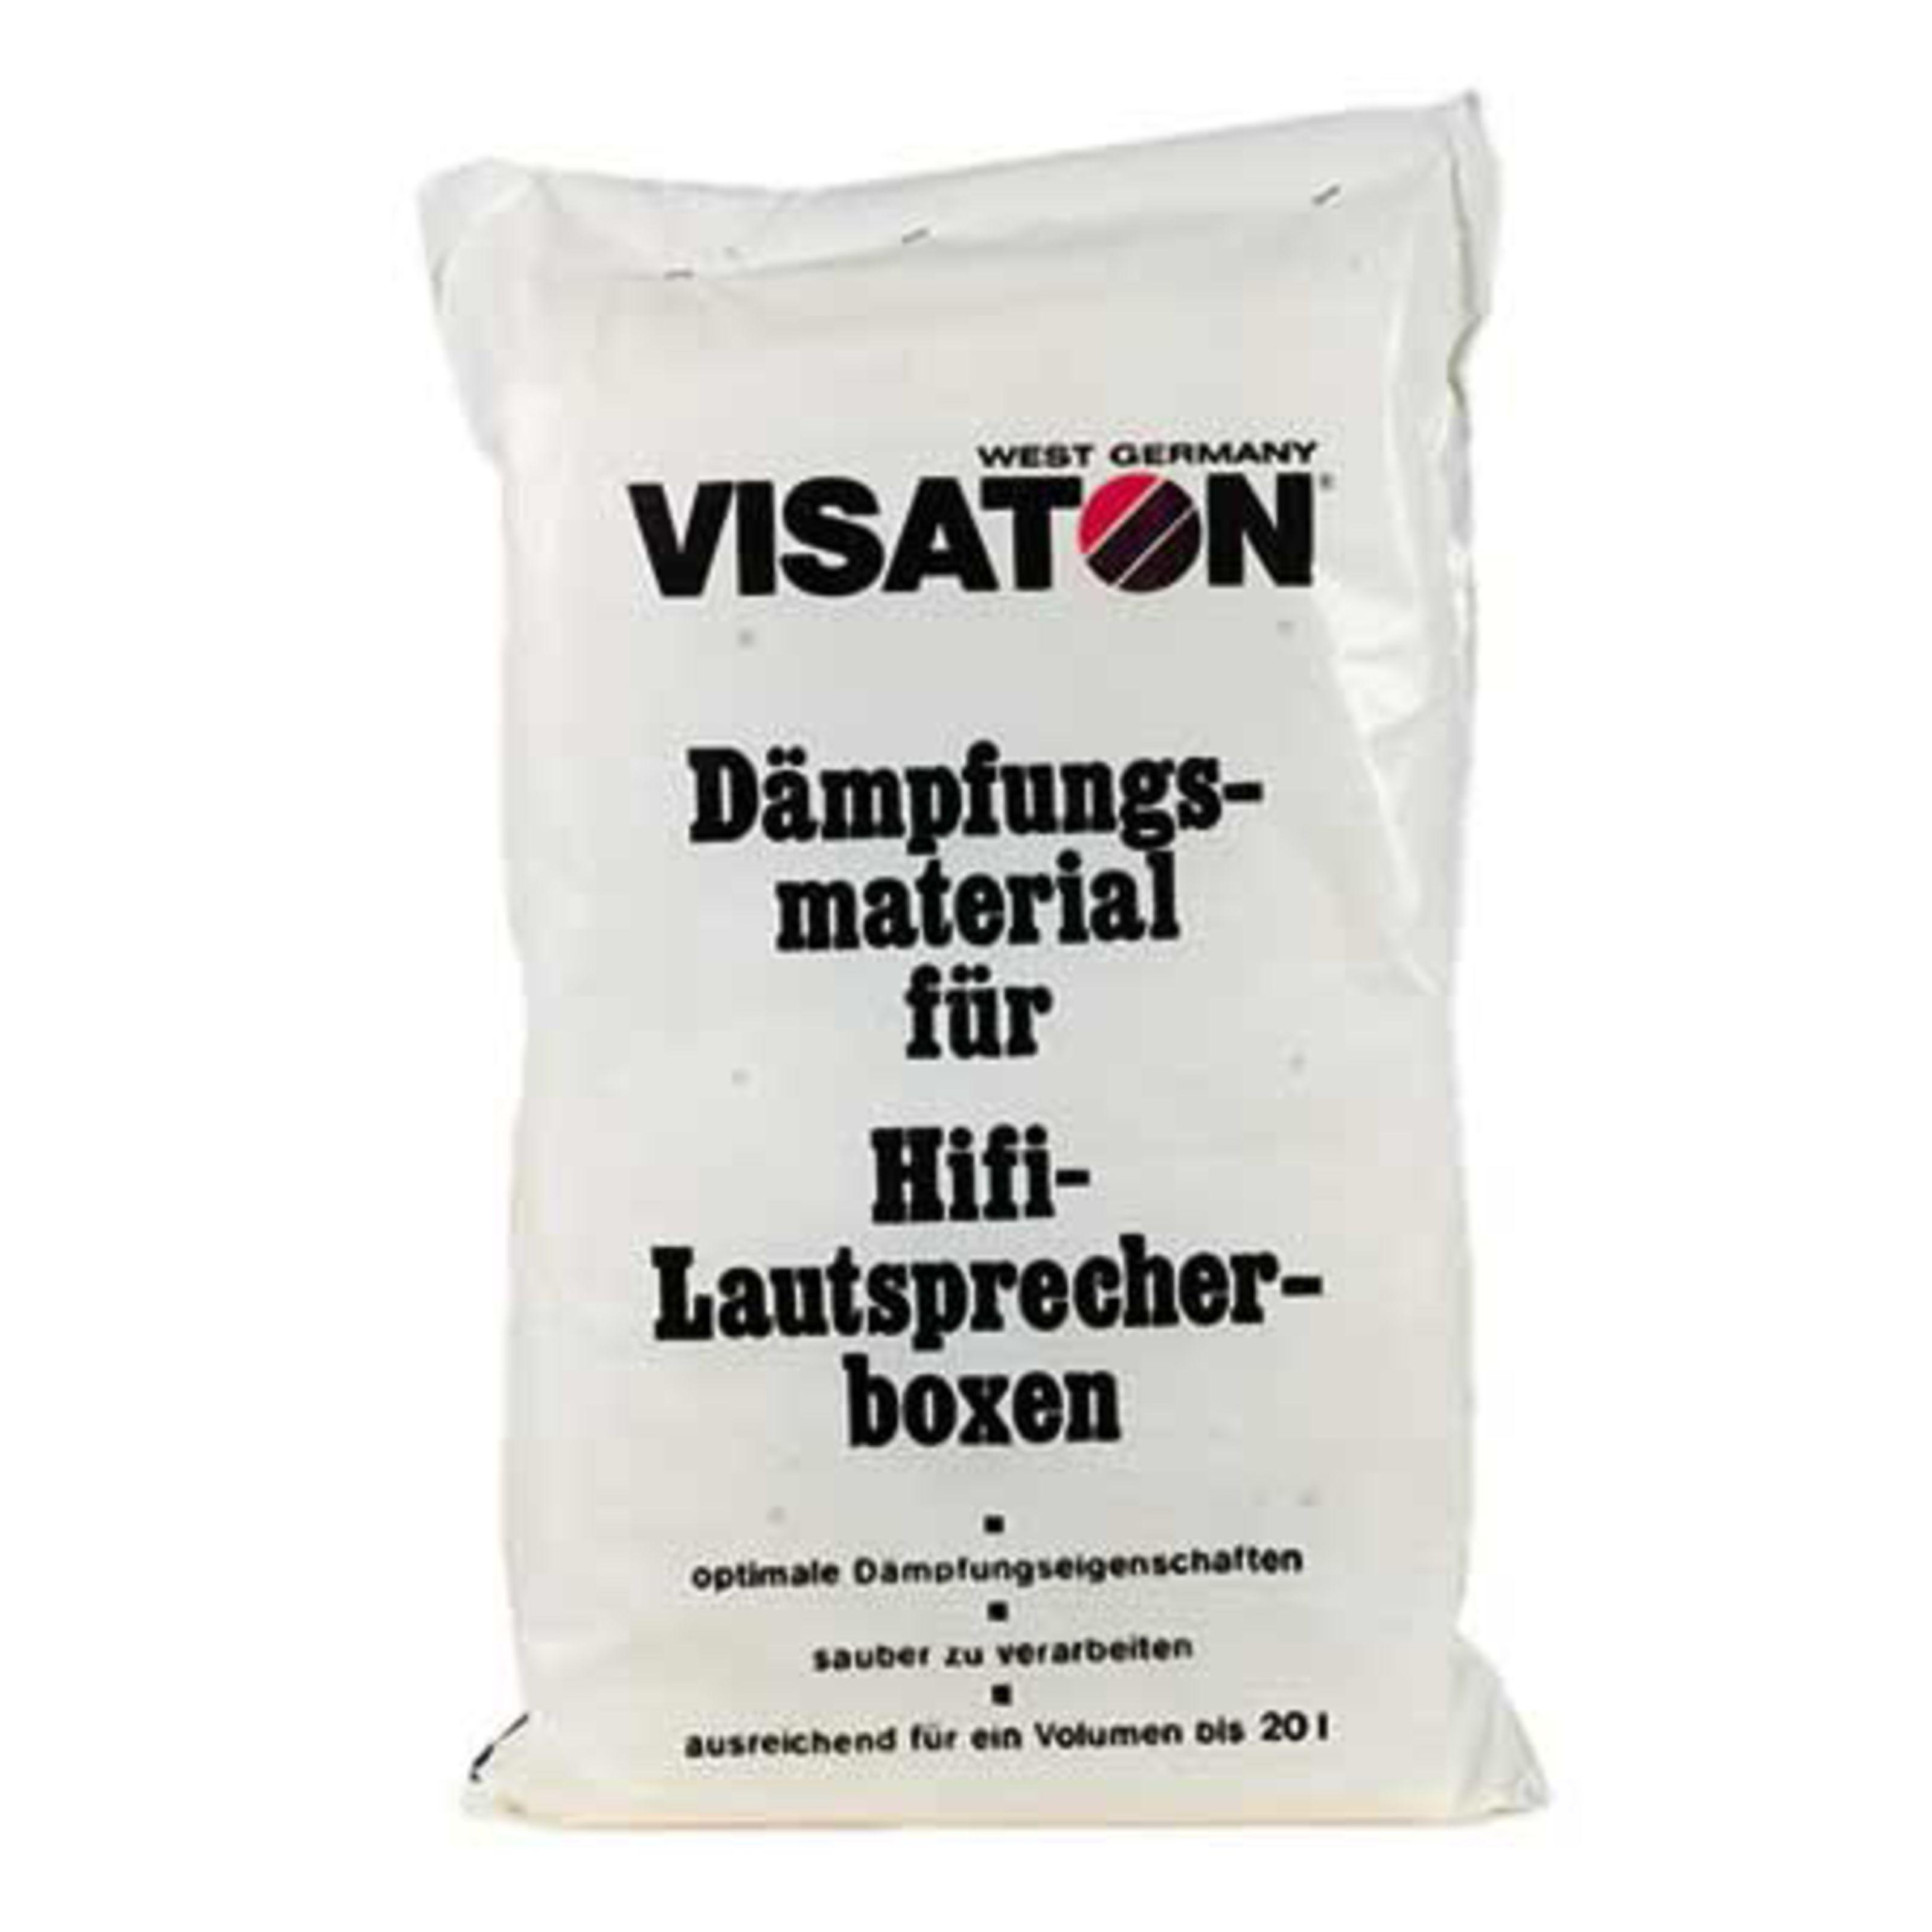 Visaton - Dämpfungsmaterial 5070